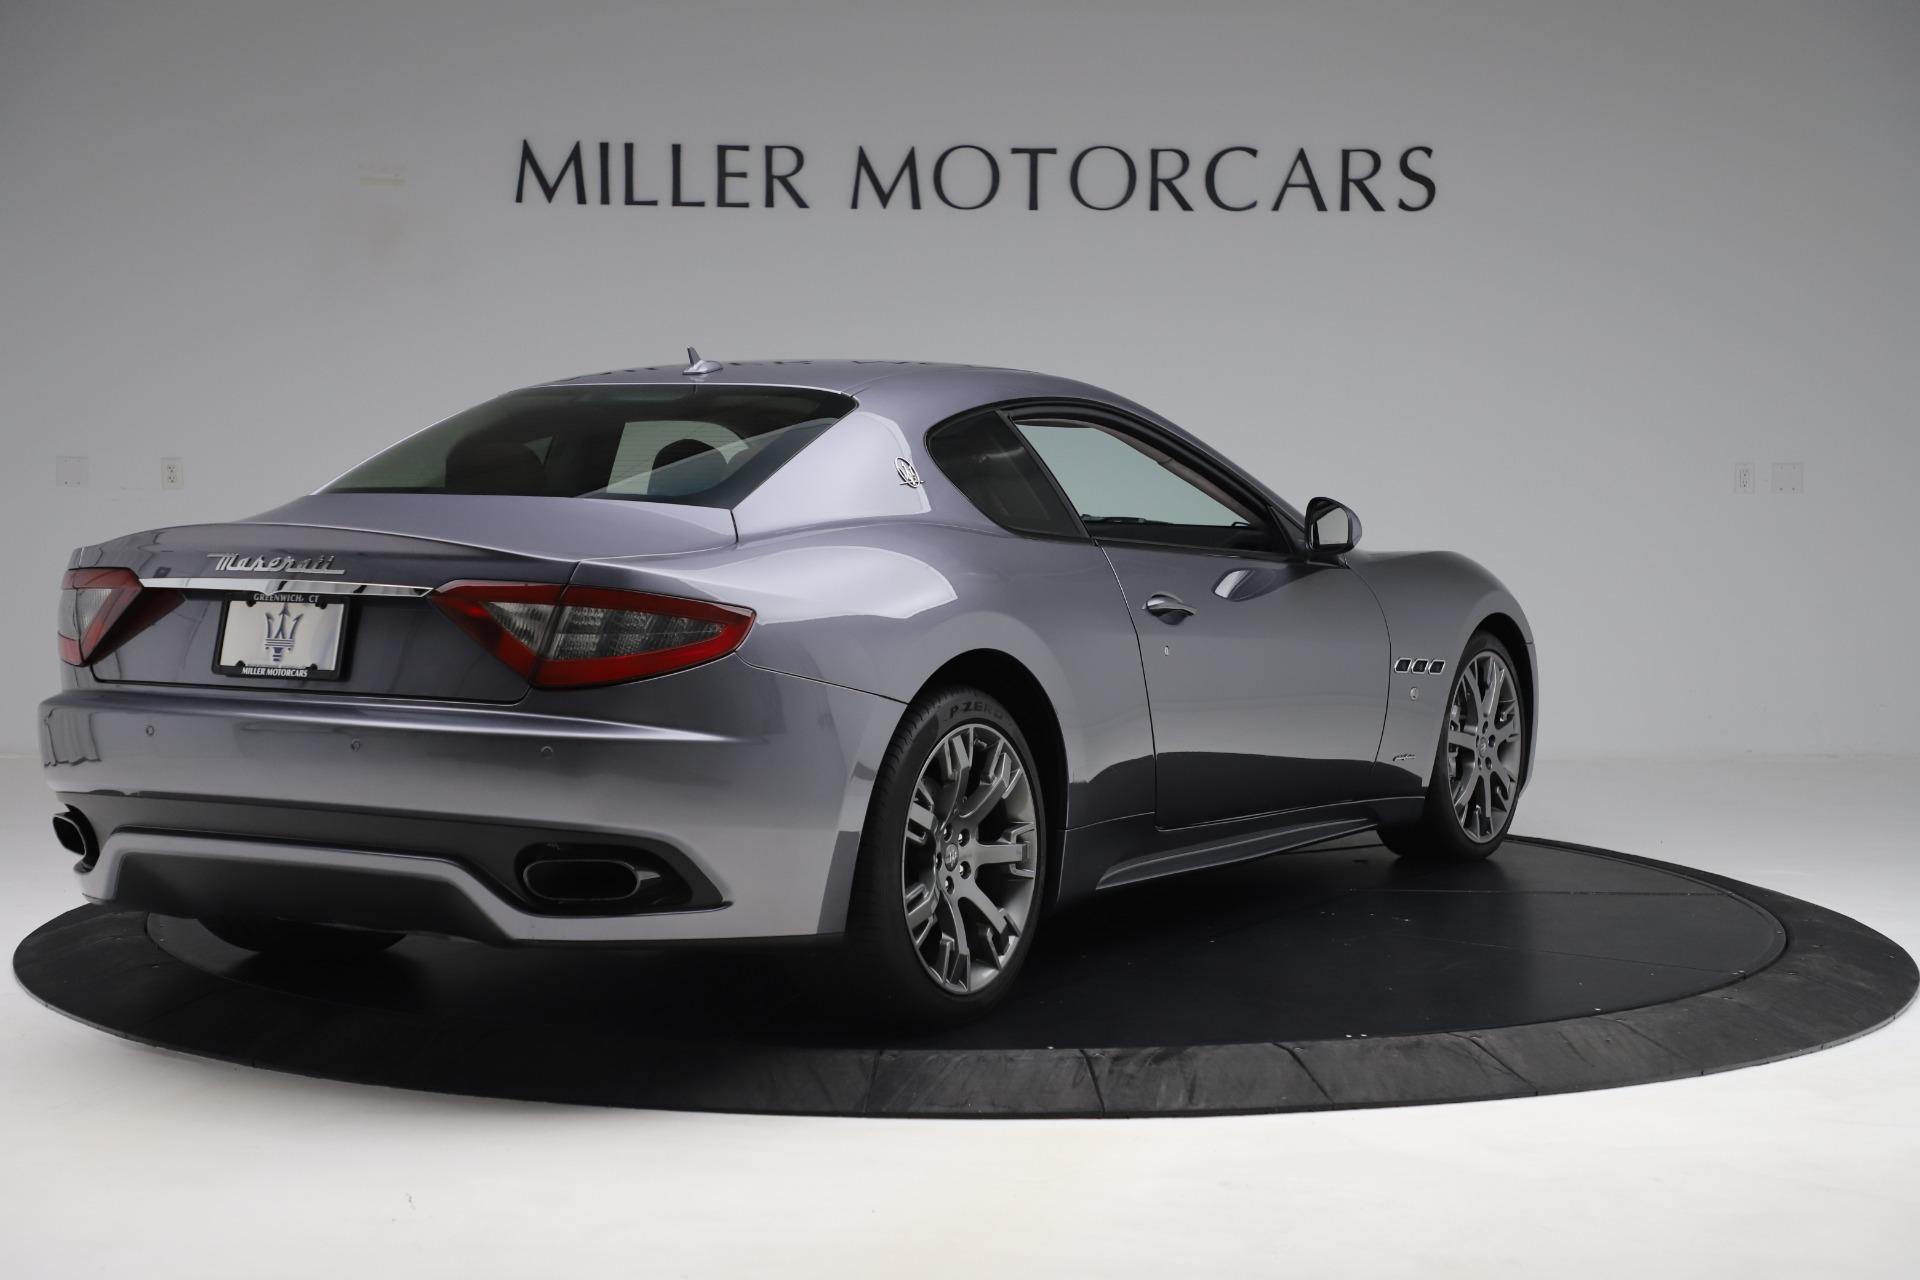 New 2016 Maserati GranTurismo Sport- TEST DRIVE SPECIAL For Sale In Greenwich, CT 166_p7